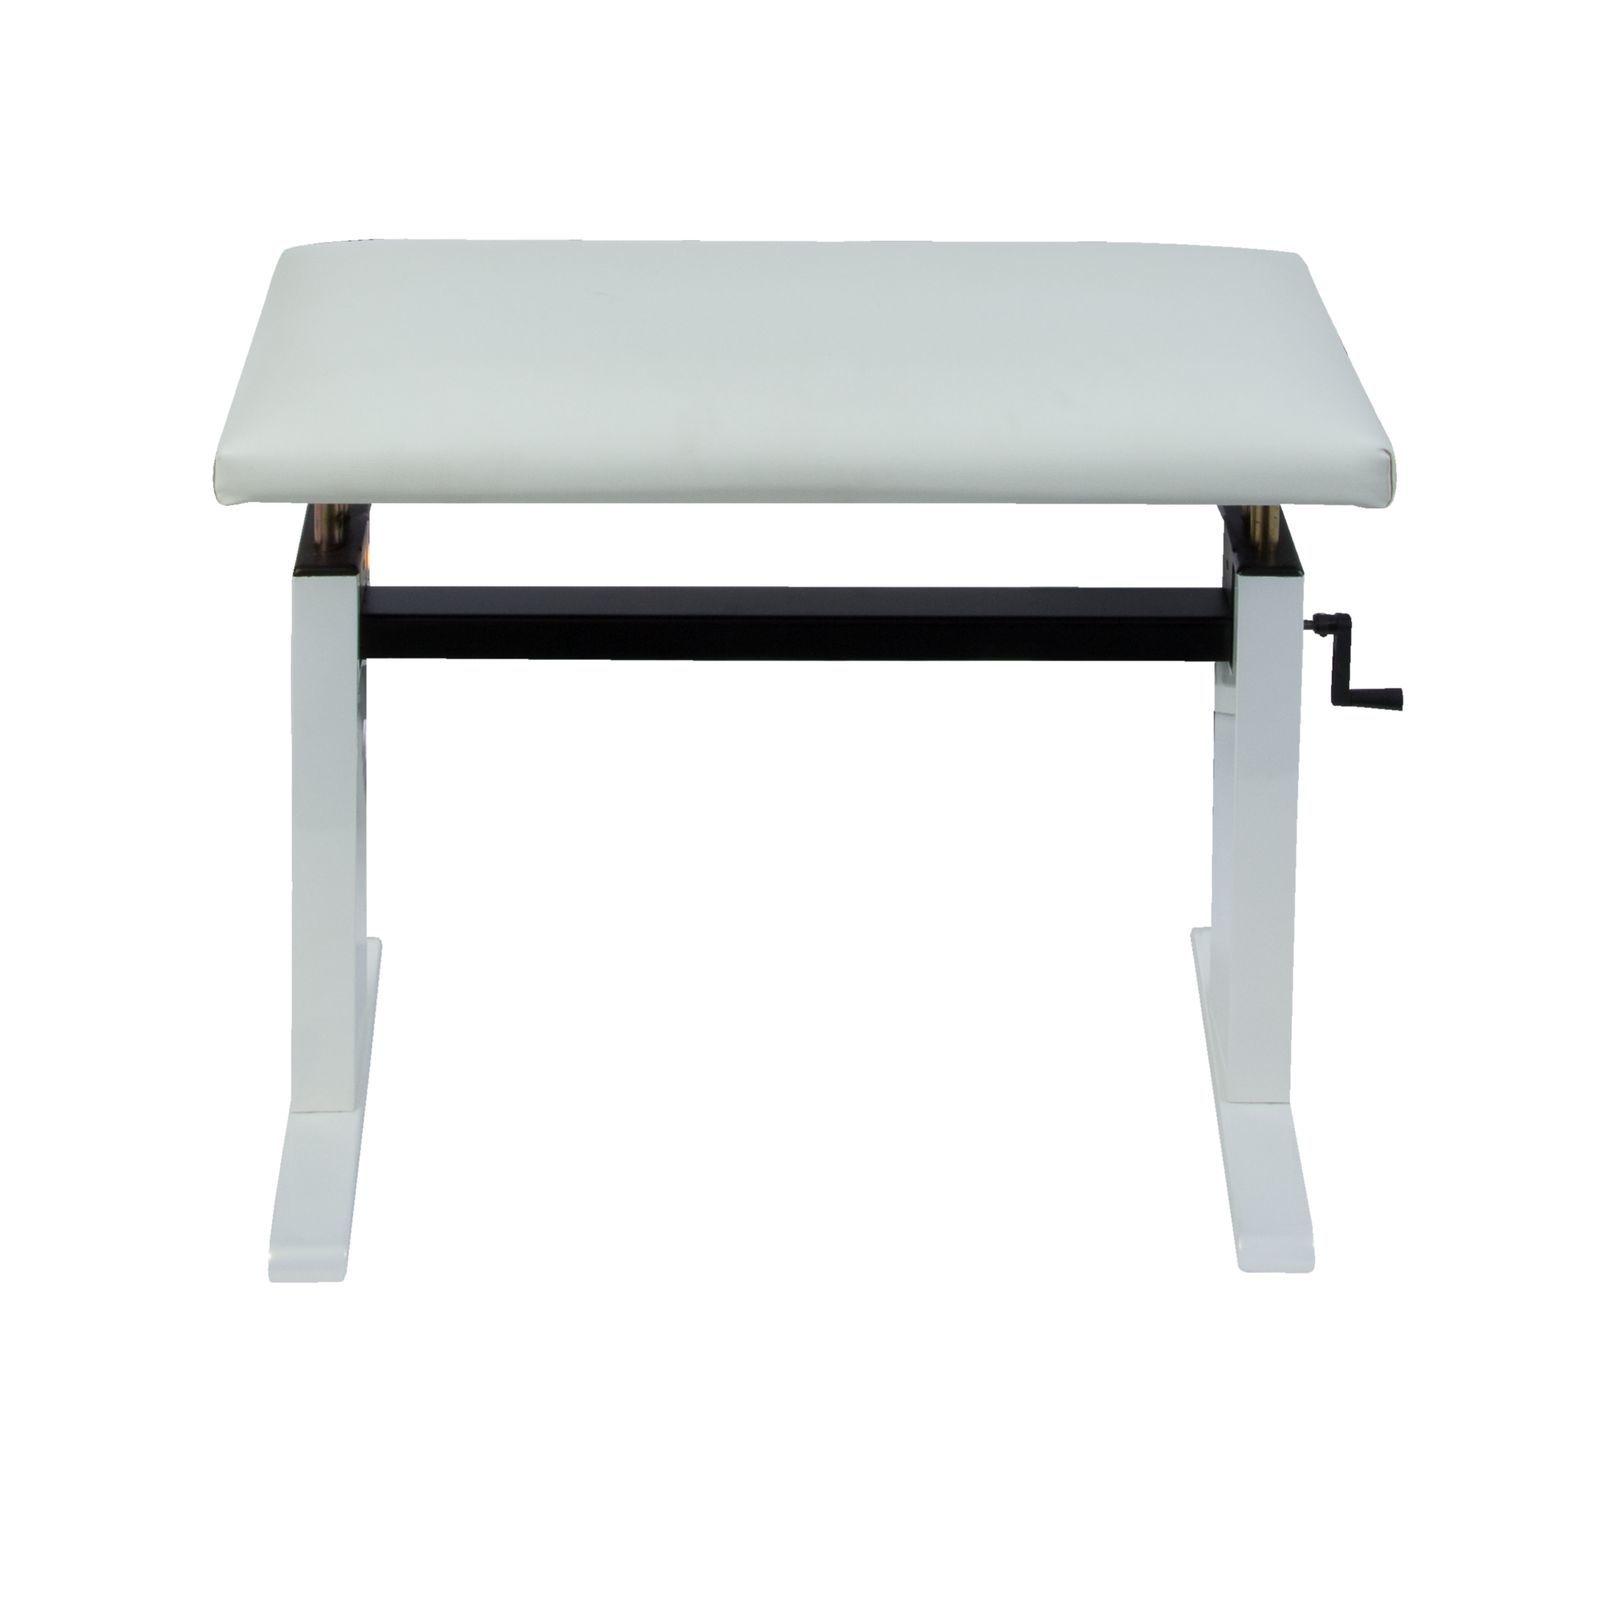 wersi sitzbank 70 cm wei hochglanz. Black Bedroom Furniture Sets. Home Design Ideas